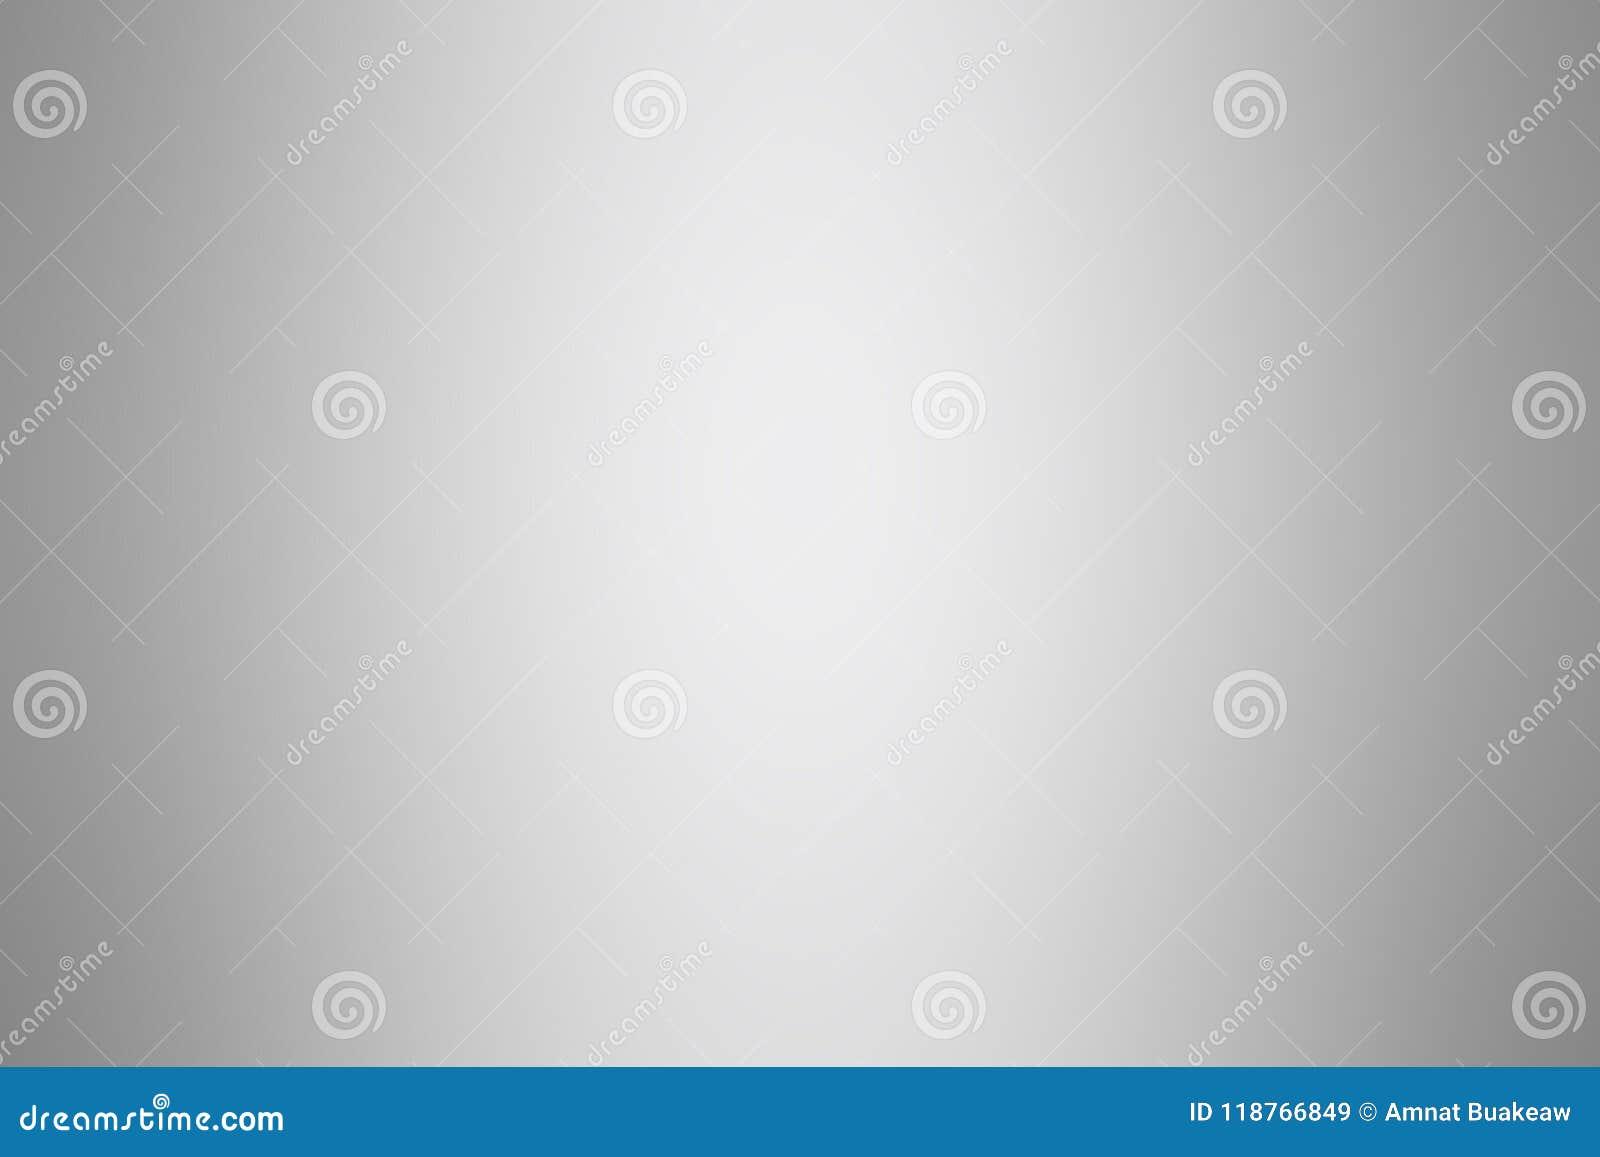 Popielatego srebnego gradientowego tło koloru miękki światło, gradientu pięknego, popielatego obrazka odcienia gradientowa miękka